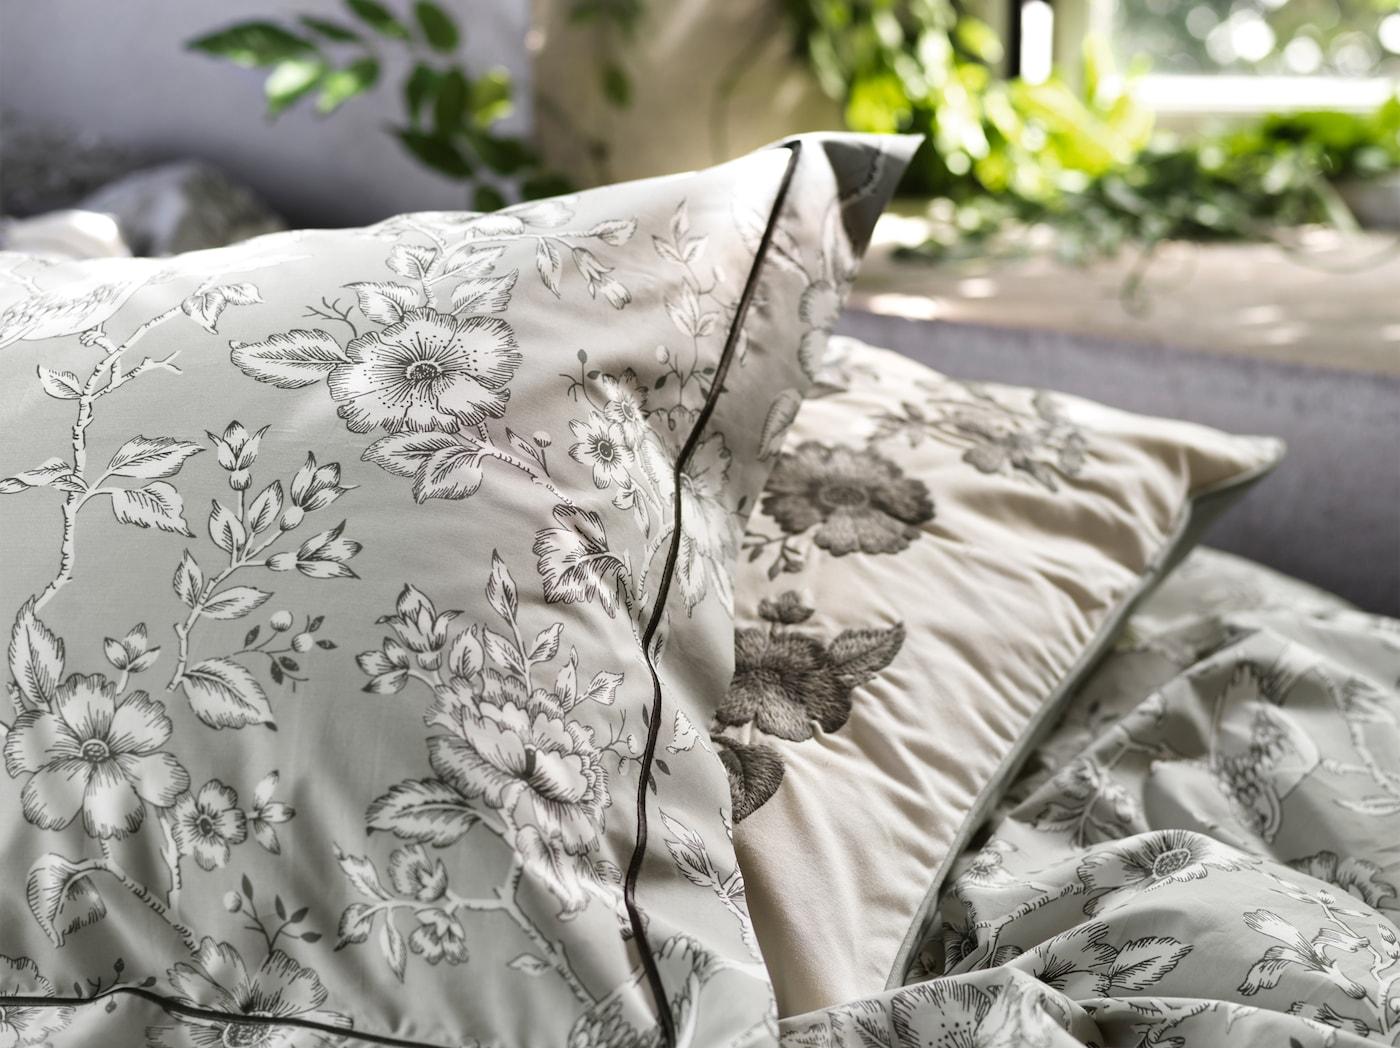 Lähikuvassa harmaa kukkakuvioinen PRAKTBRÄCKA pussilakana ja tyynyliina, jossa on perinteisiä kukkakuvioita mustalla ja valkoisella.